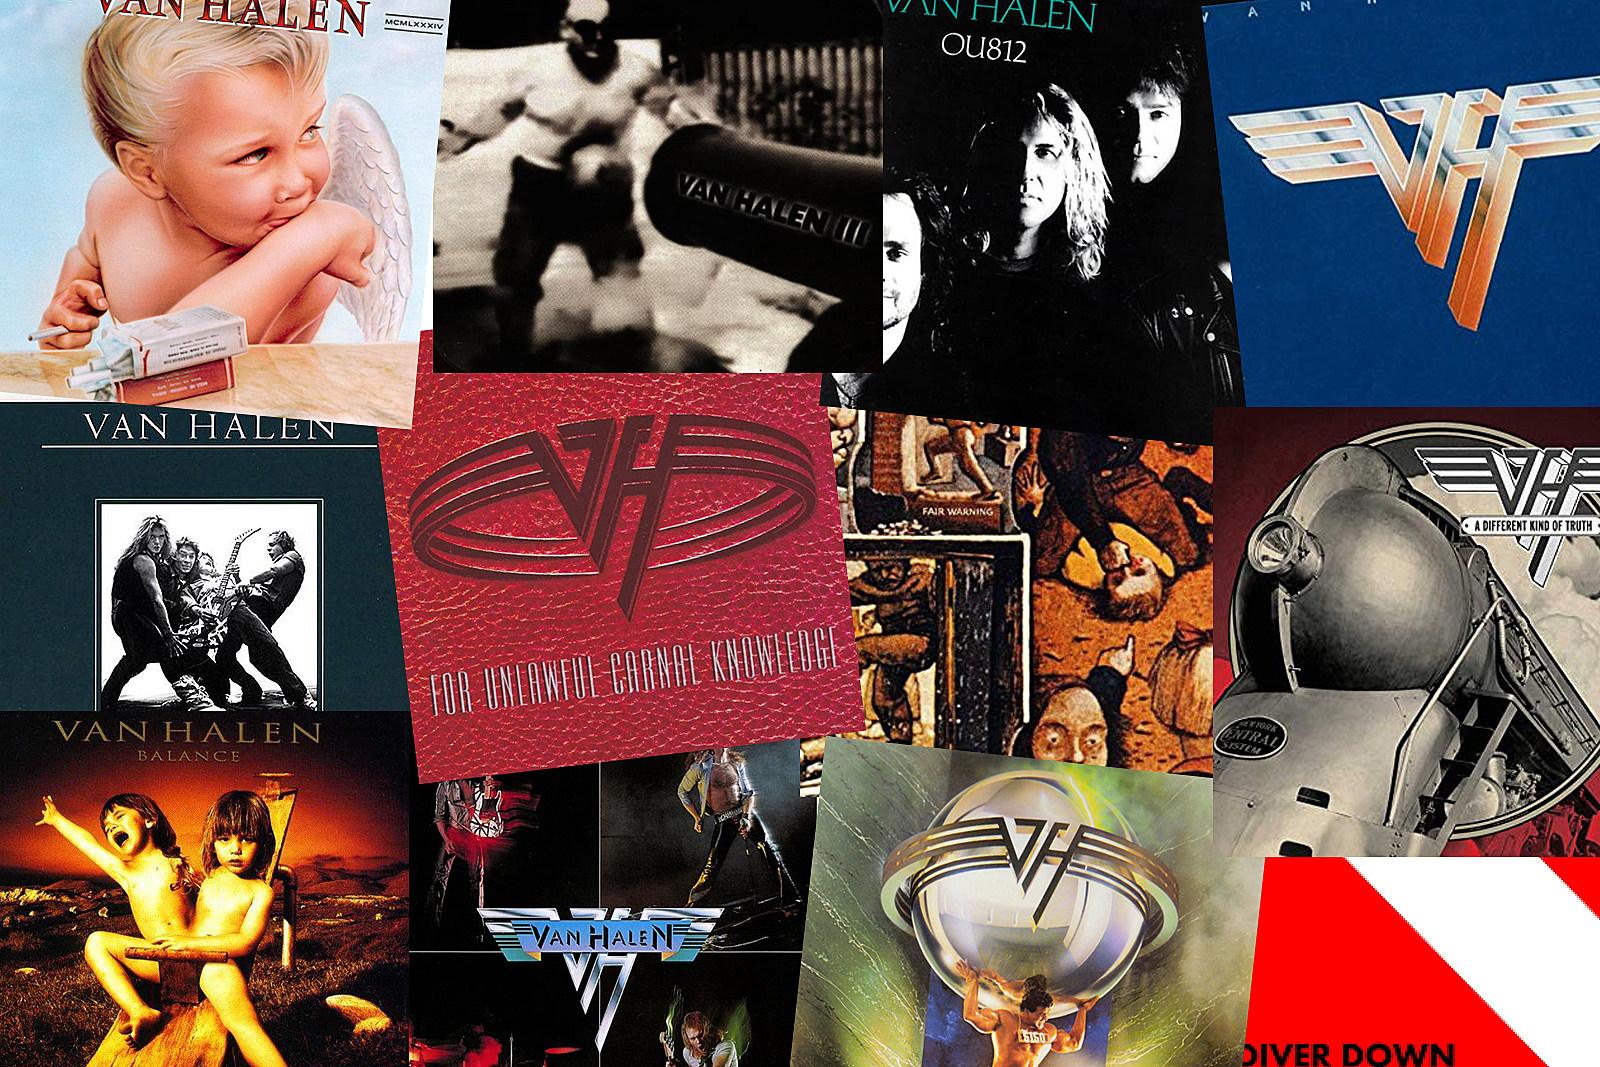 Van Halen: Last Great, Last Good, First Bad Album Roundtable